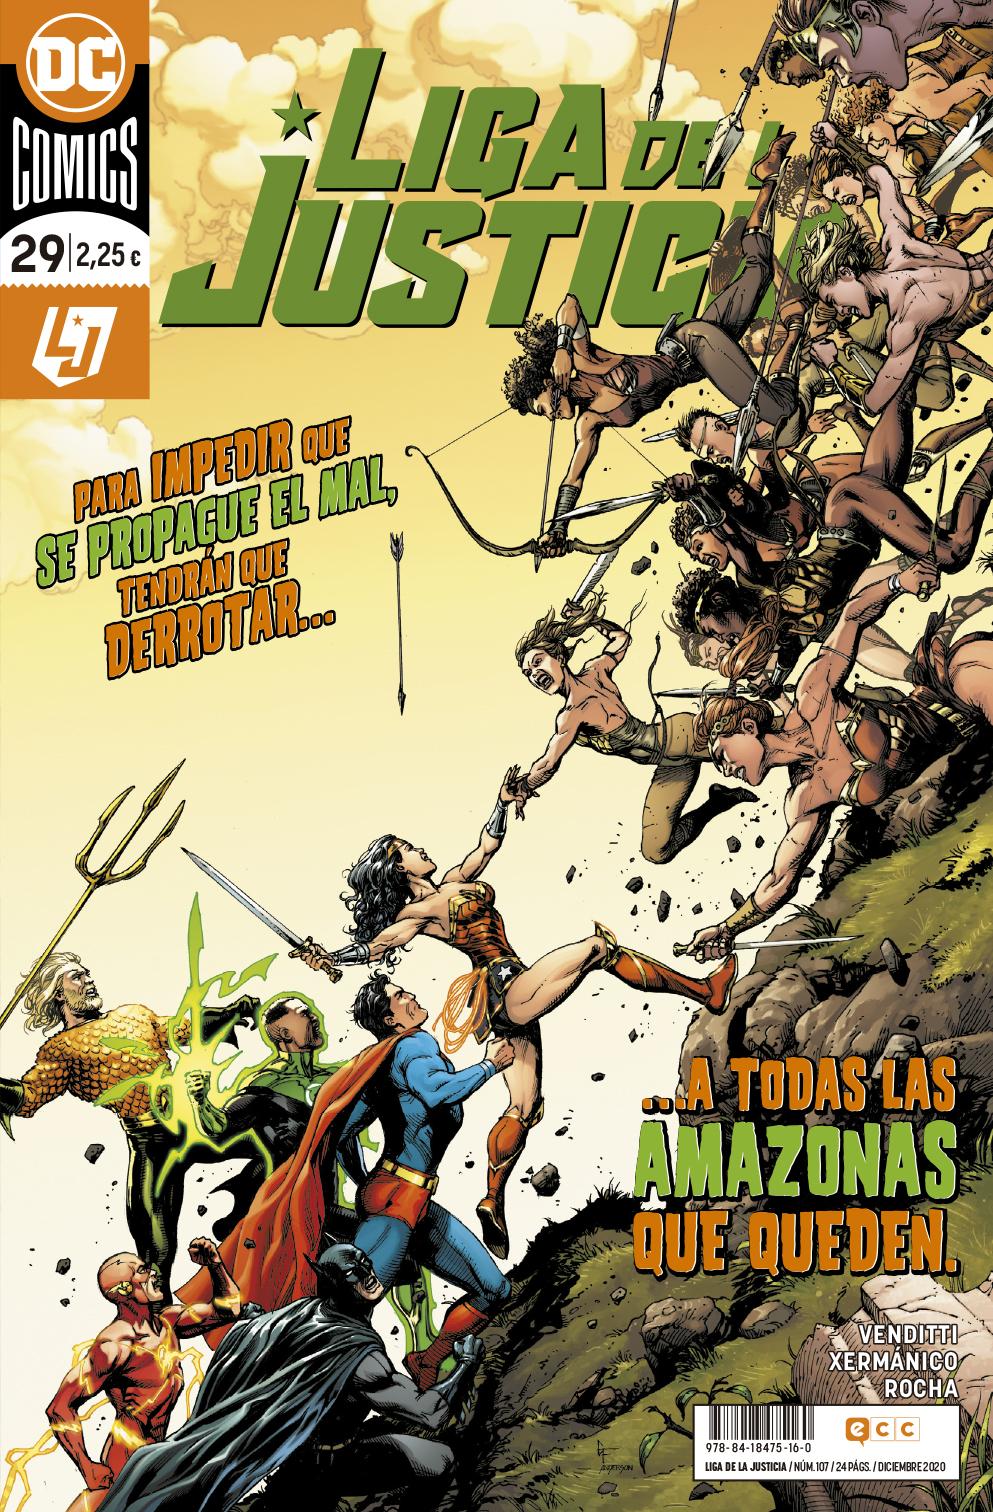 Liga de la Justicia #107 / 29